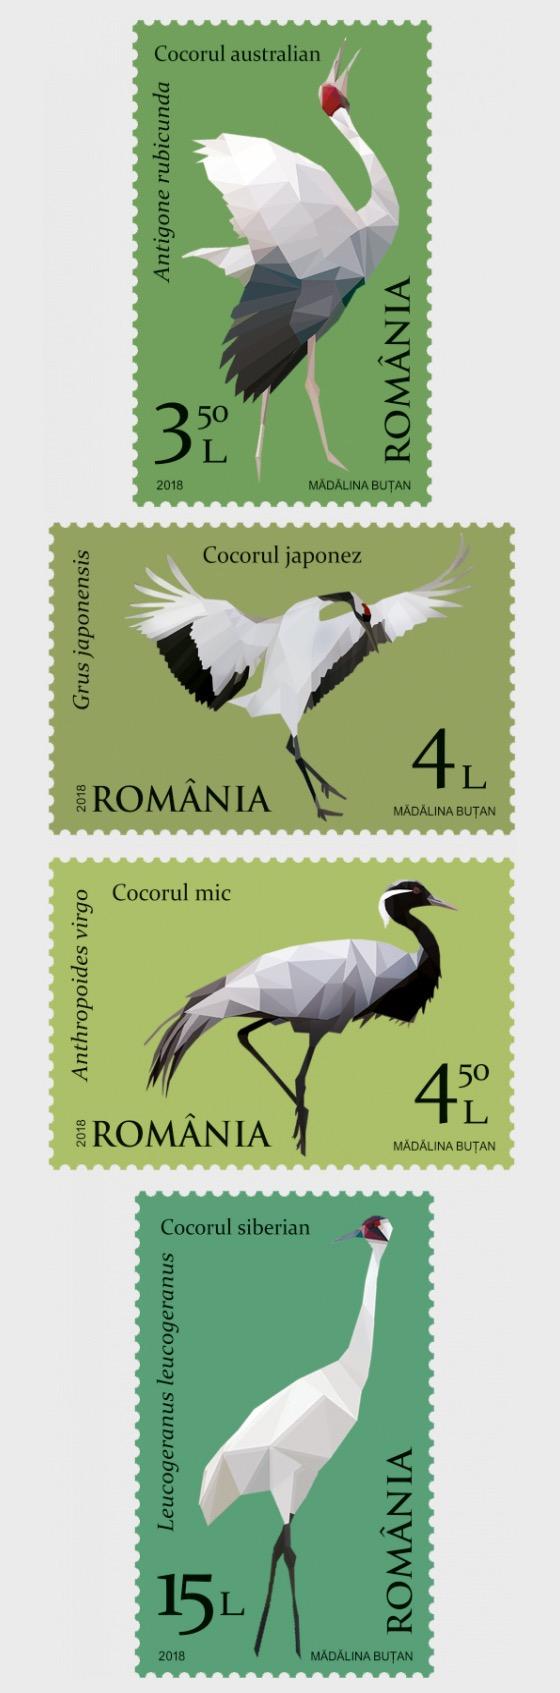 Aves Migratorias - Grullas - Series